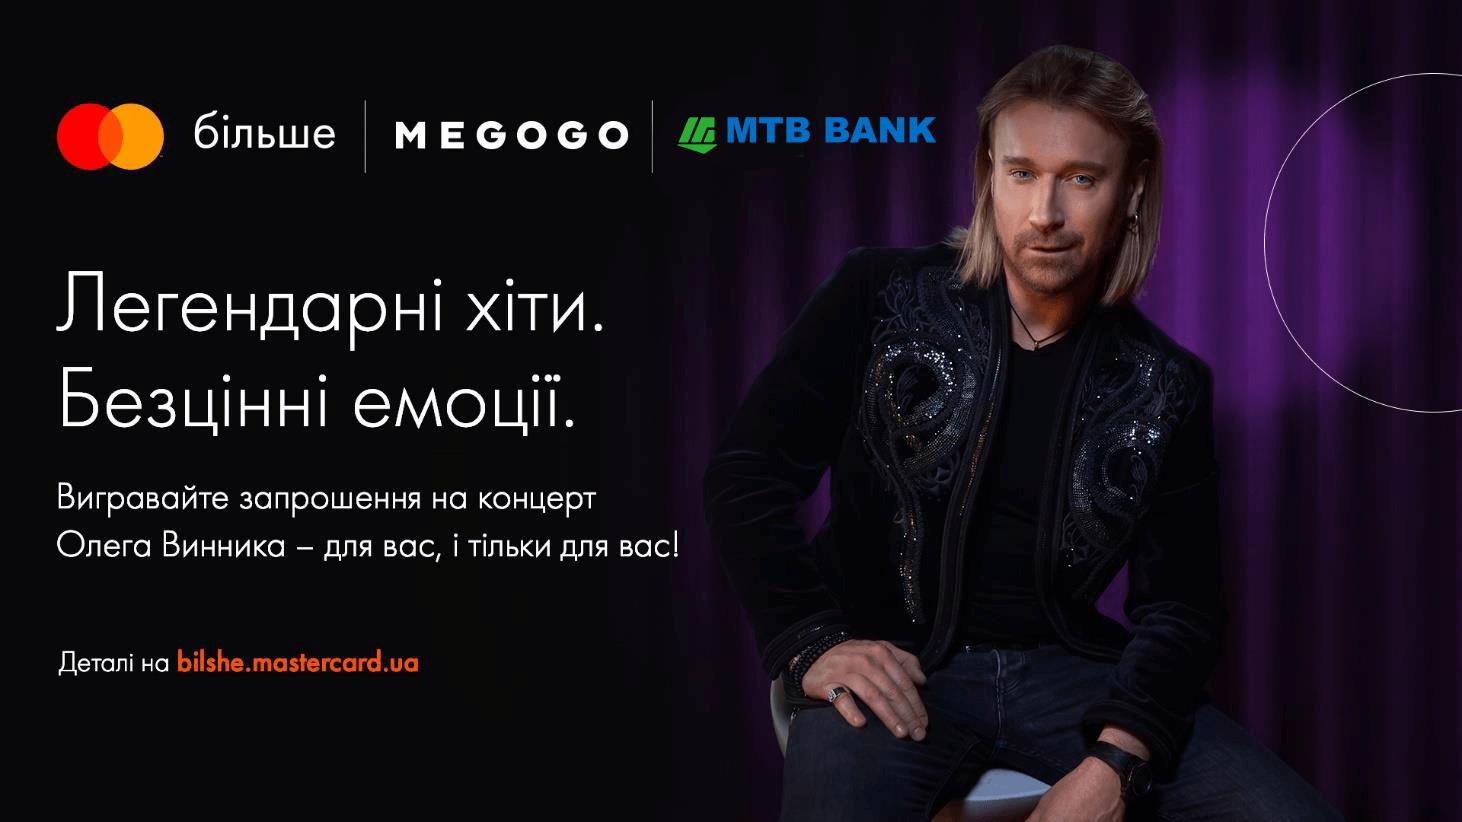 Концерт Олега Винника только для вас?  - фото - mtb.ua